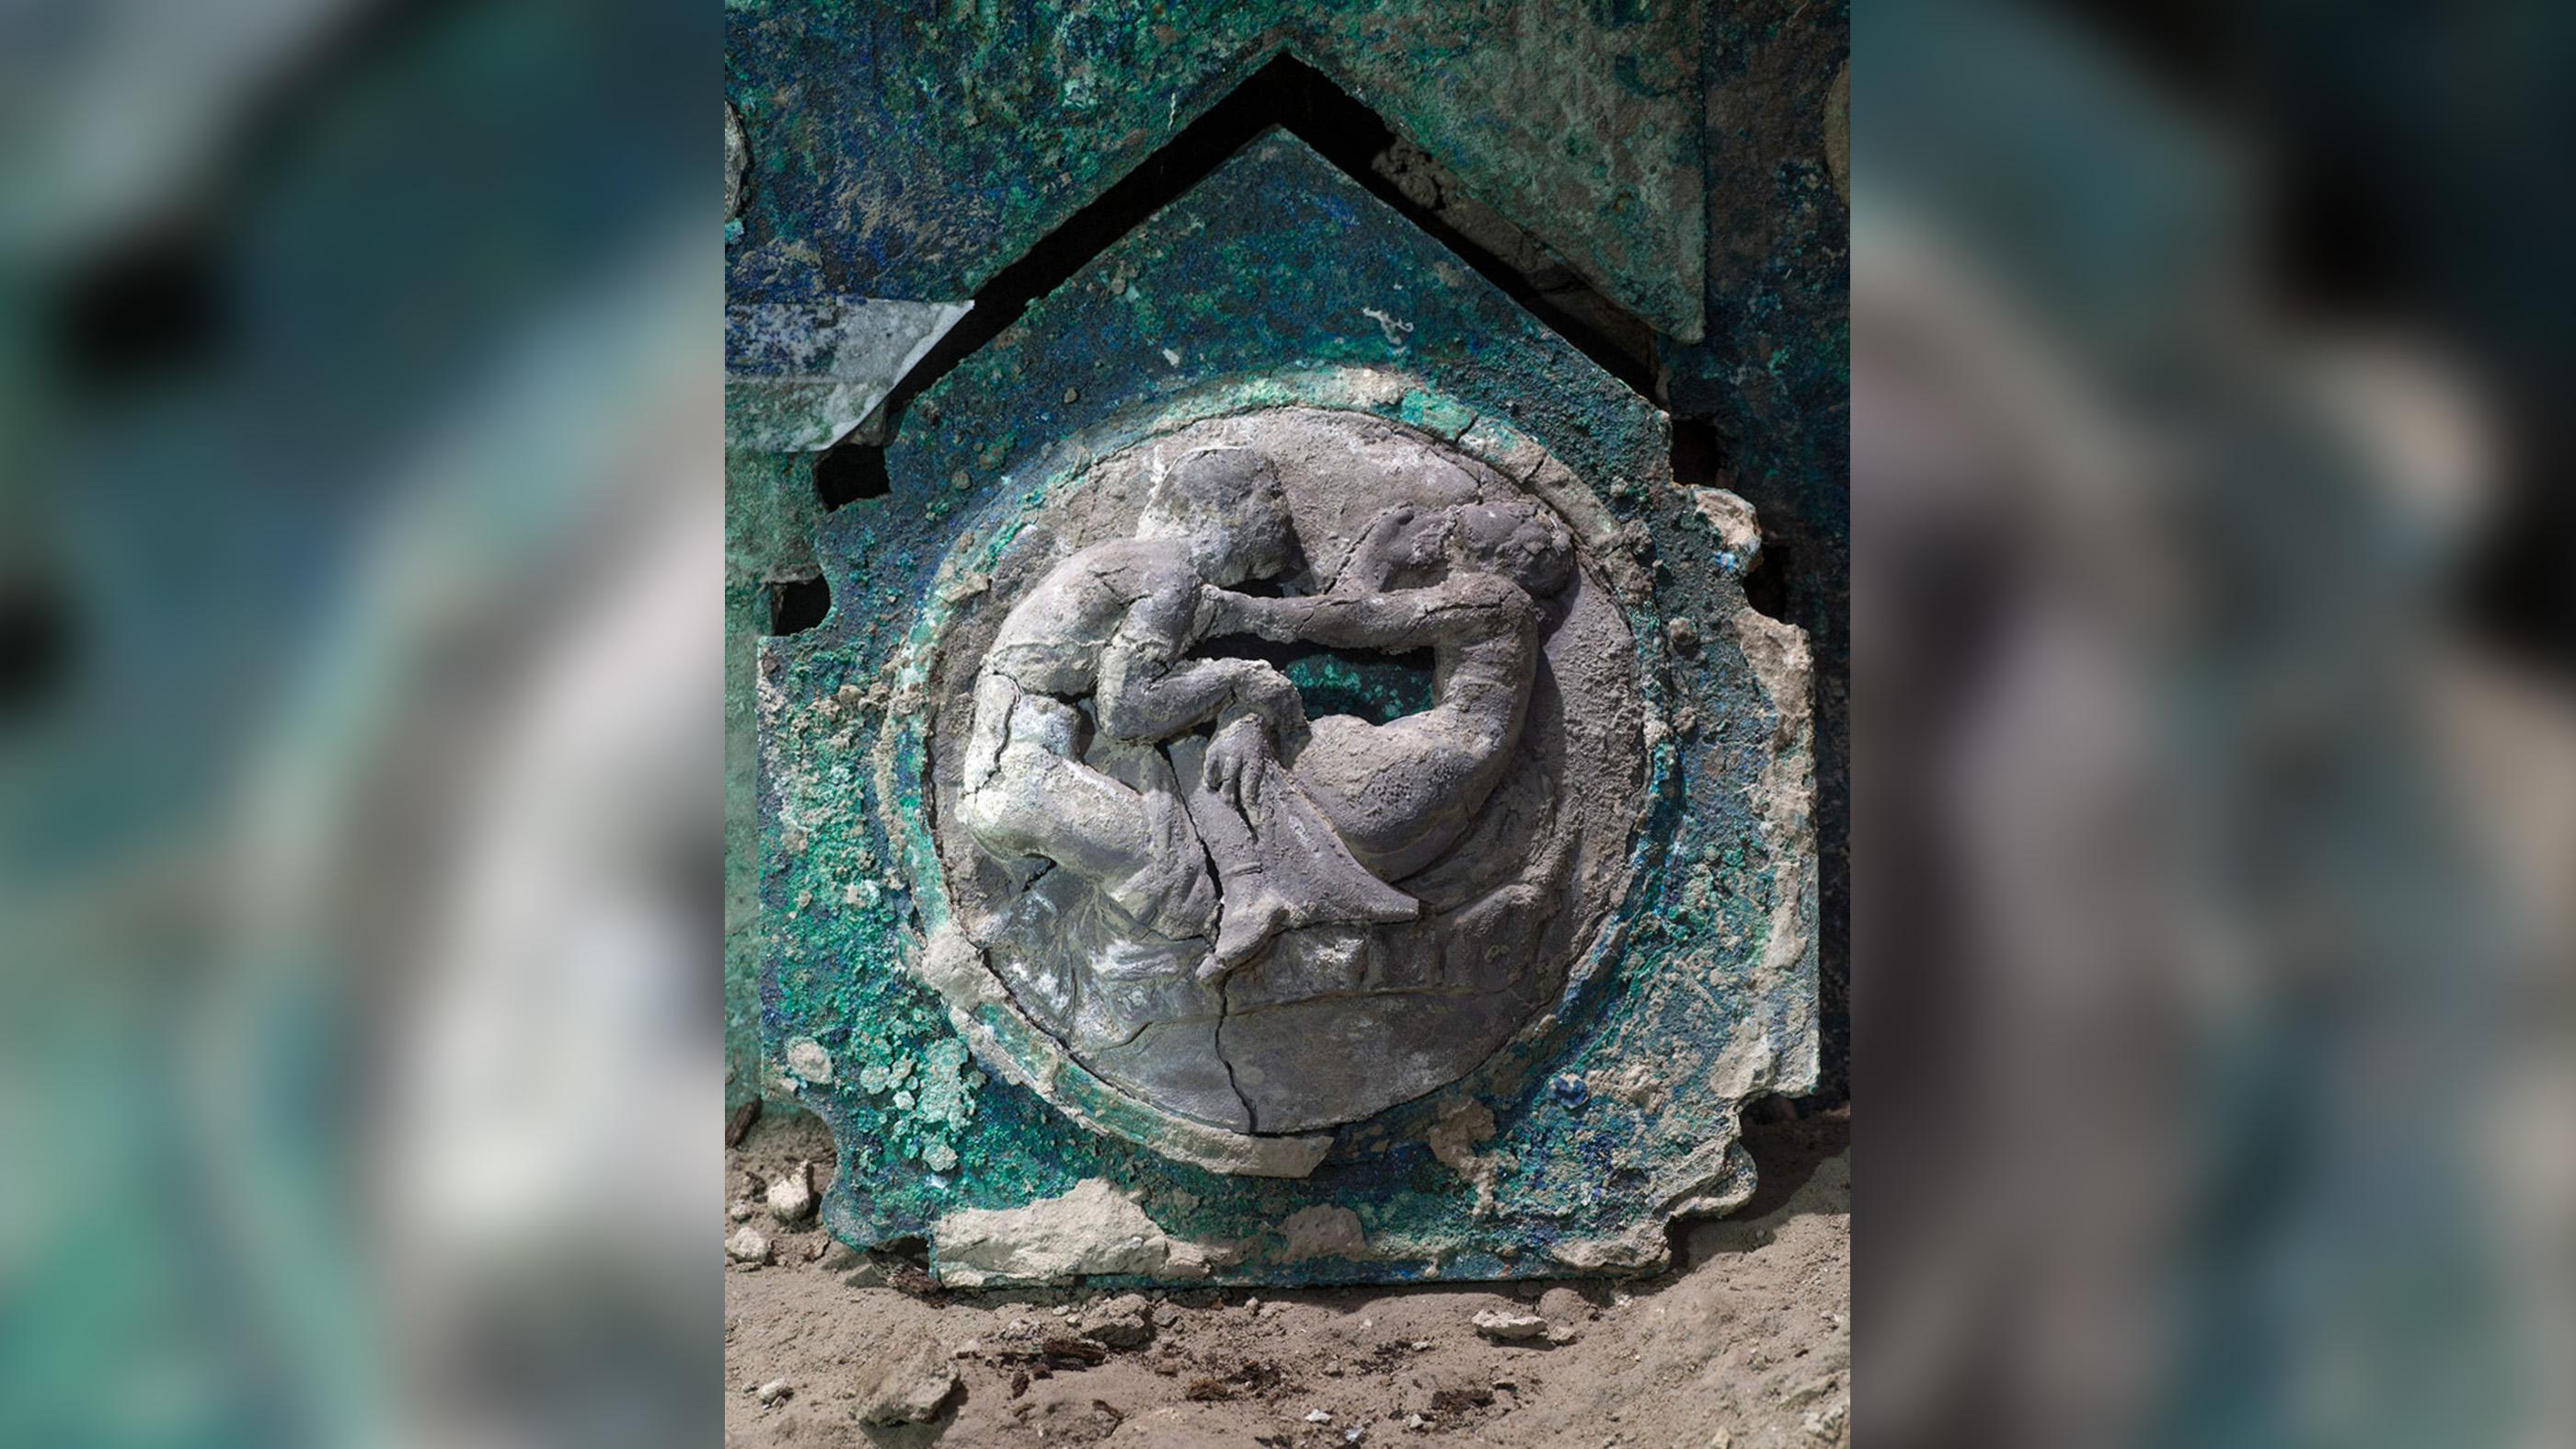 Parmi les décorations du char de cérémonie se trouvent des médaillons de satyres et de nymphes associés à Eros, le dieu grec du désir et du sexe.